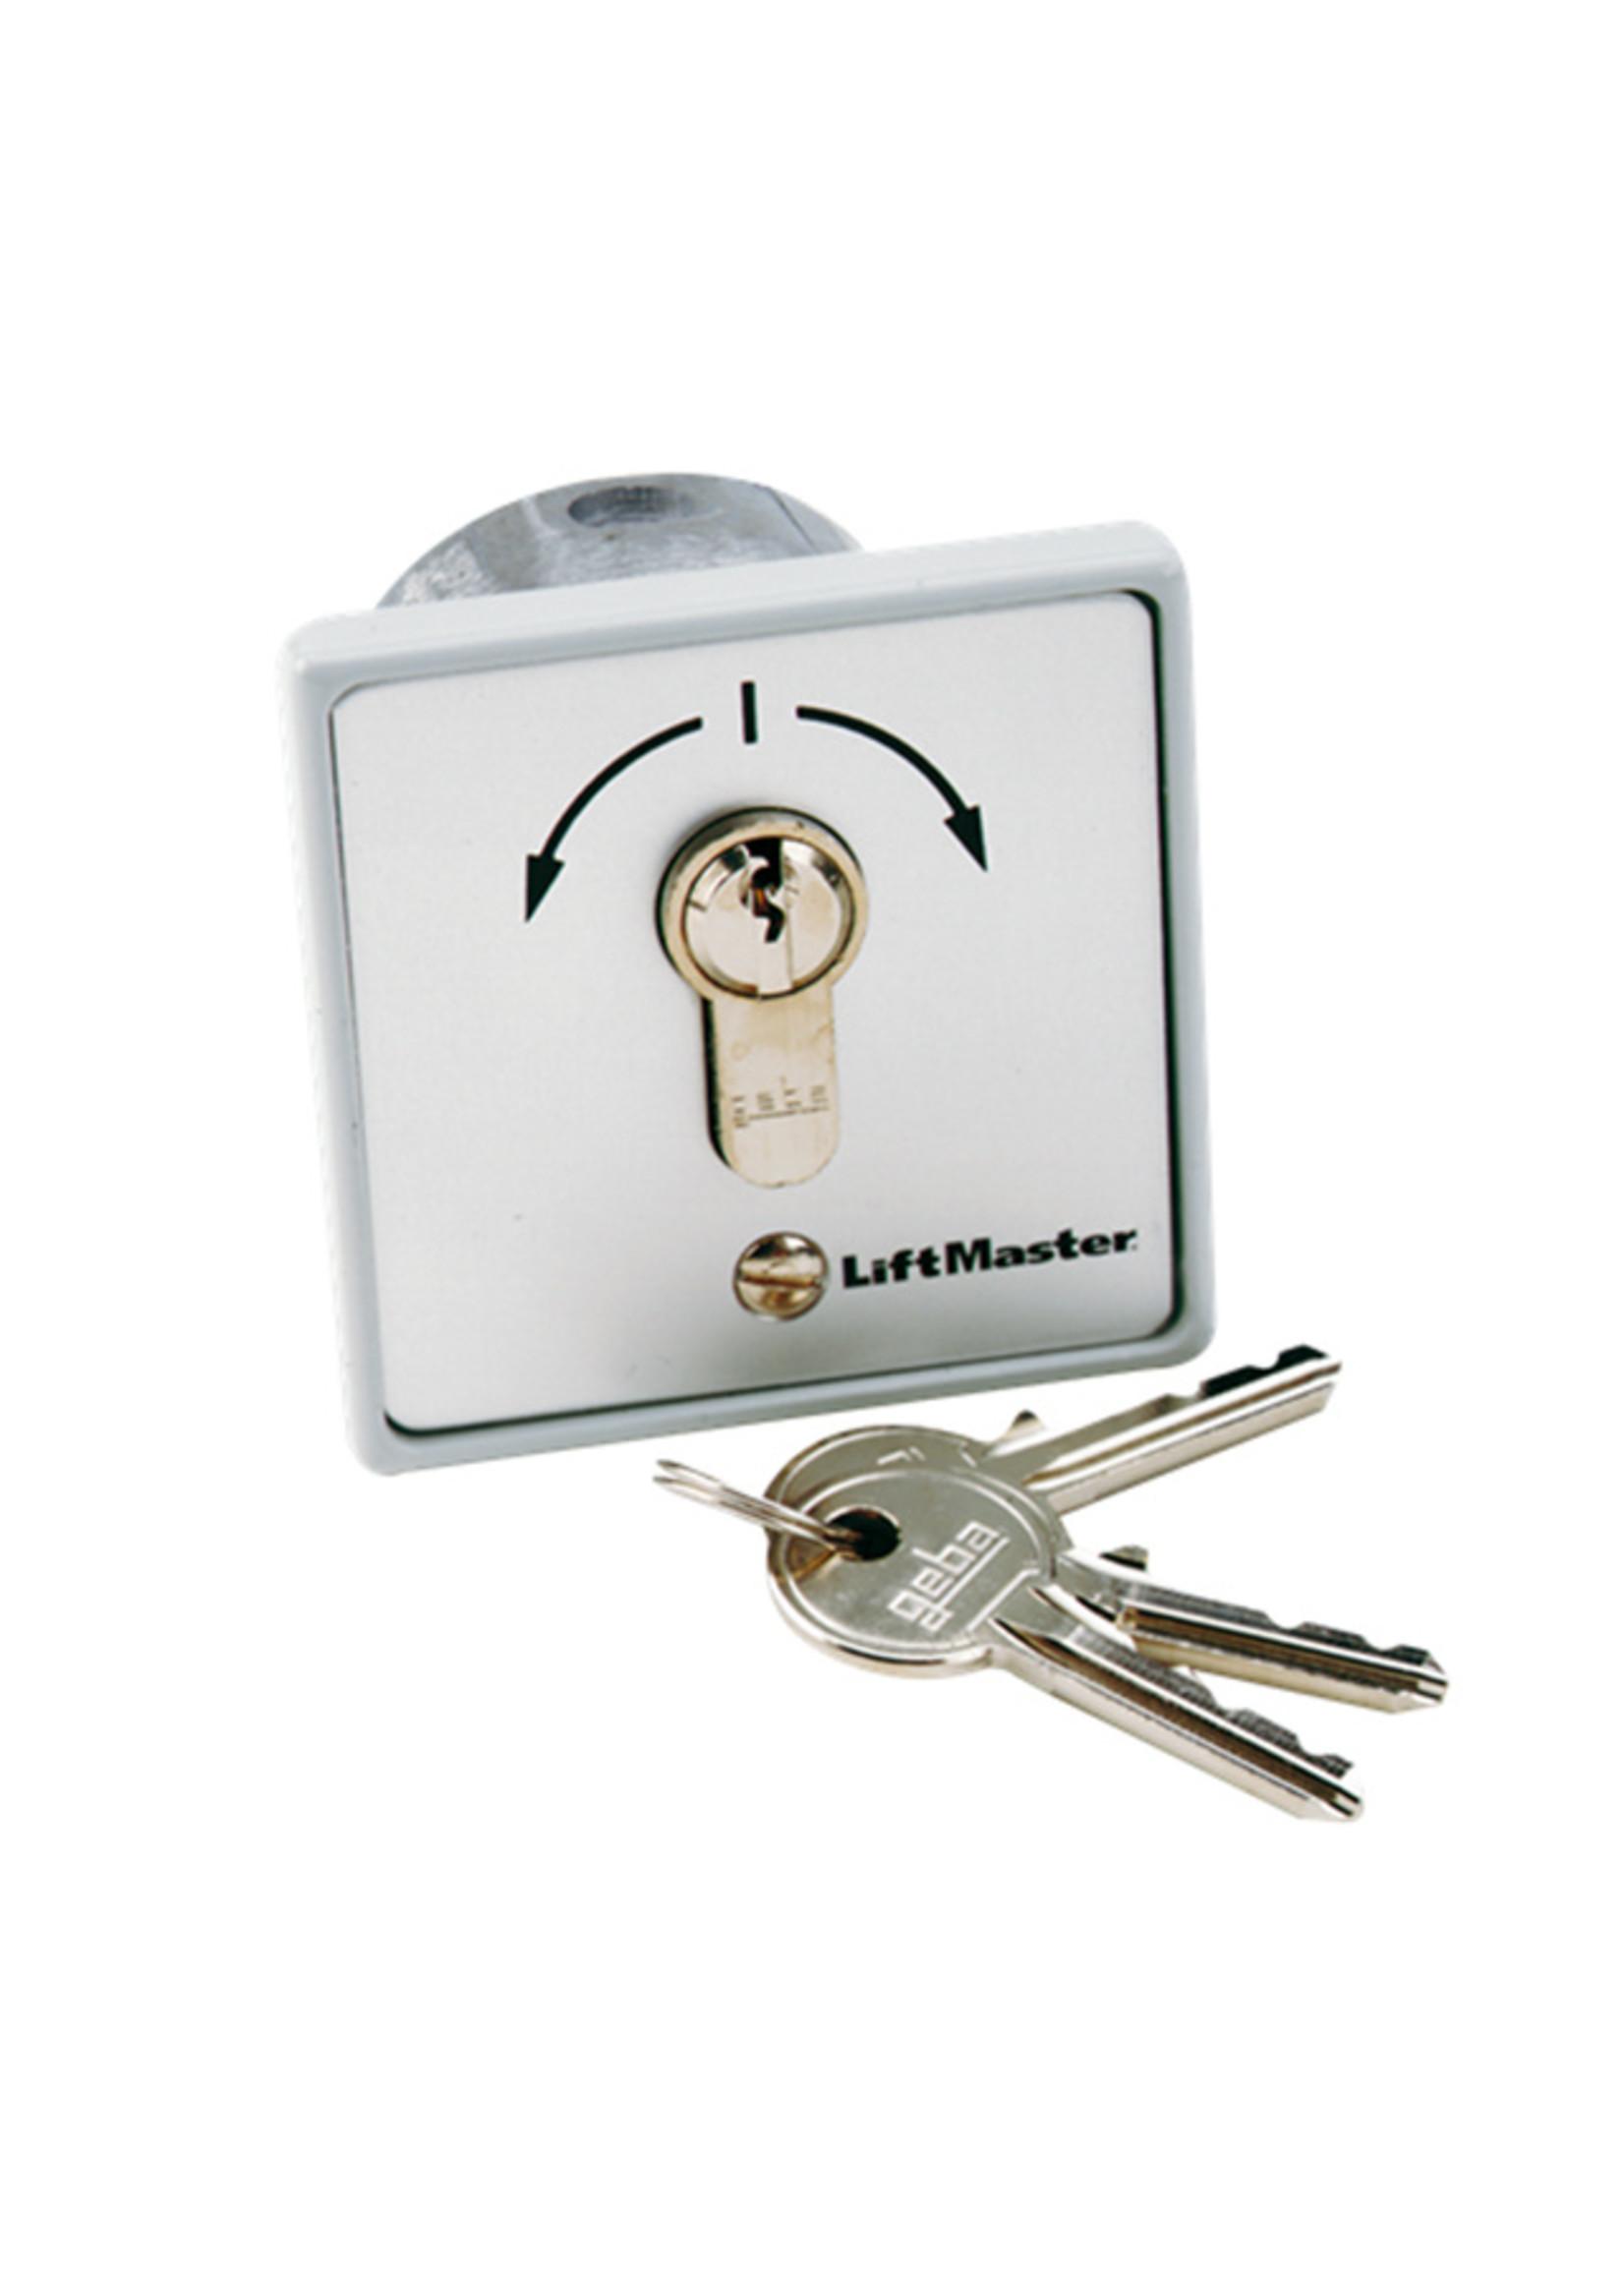 Liftmaster 100034 Contacteur à clé 2 fonctions à encastrer